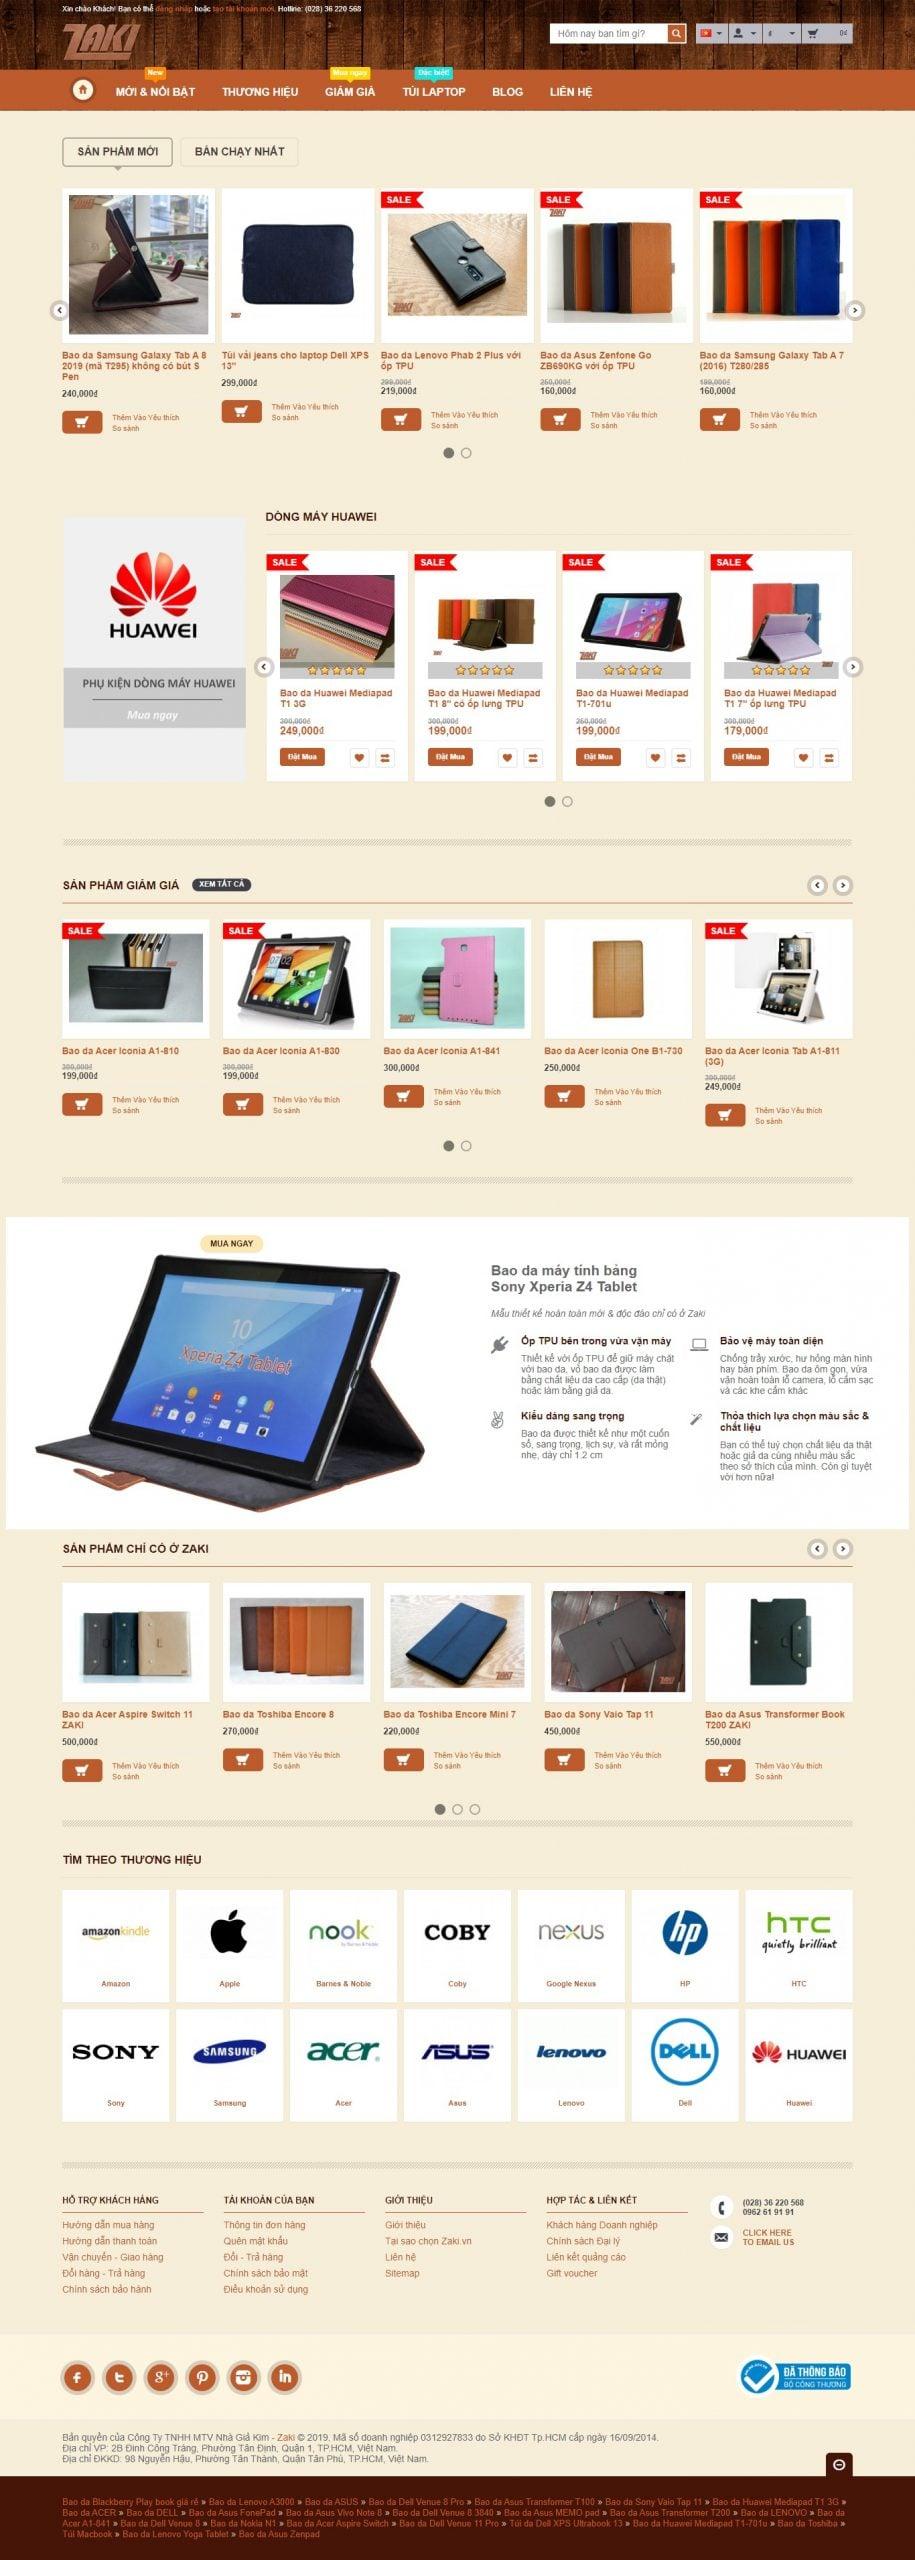 Mẫu thiết kế website bán hàng Bao da máy tính bảng, ultrabook, phụ kiện da-zaki.vn